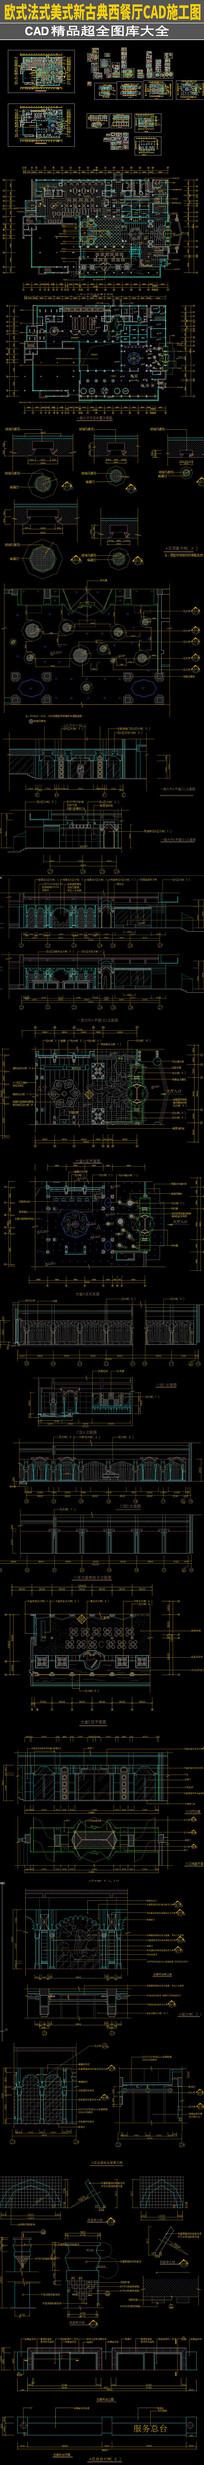 全套欧式法式美式新古典西餐厅CAD施工图